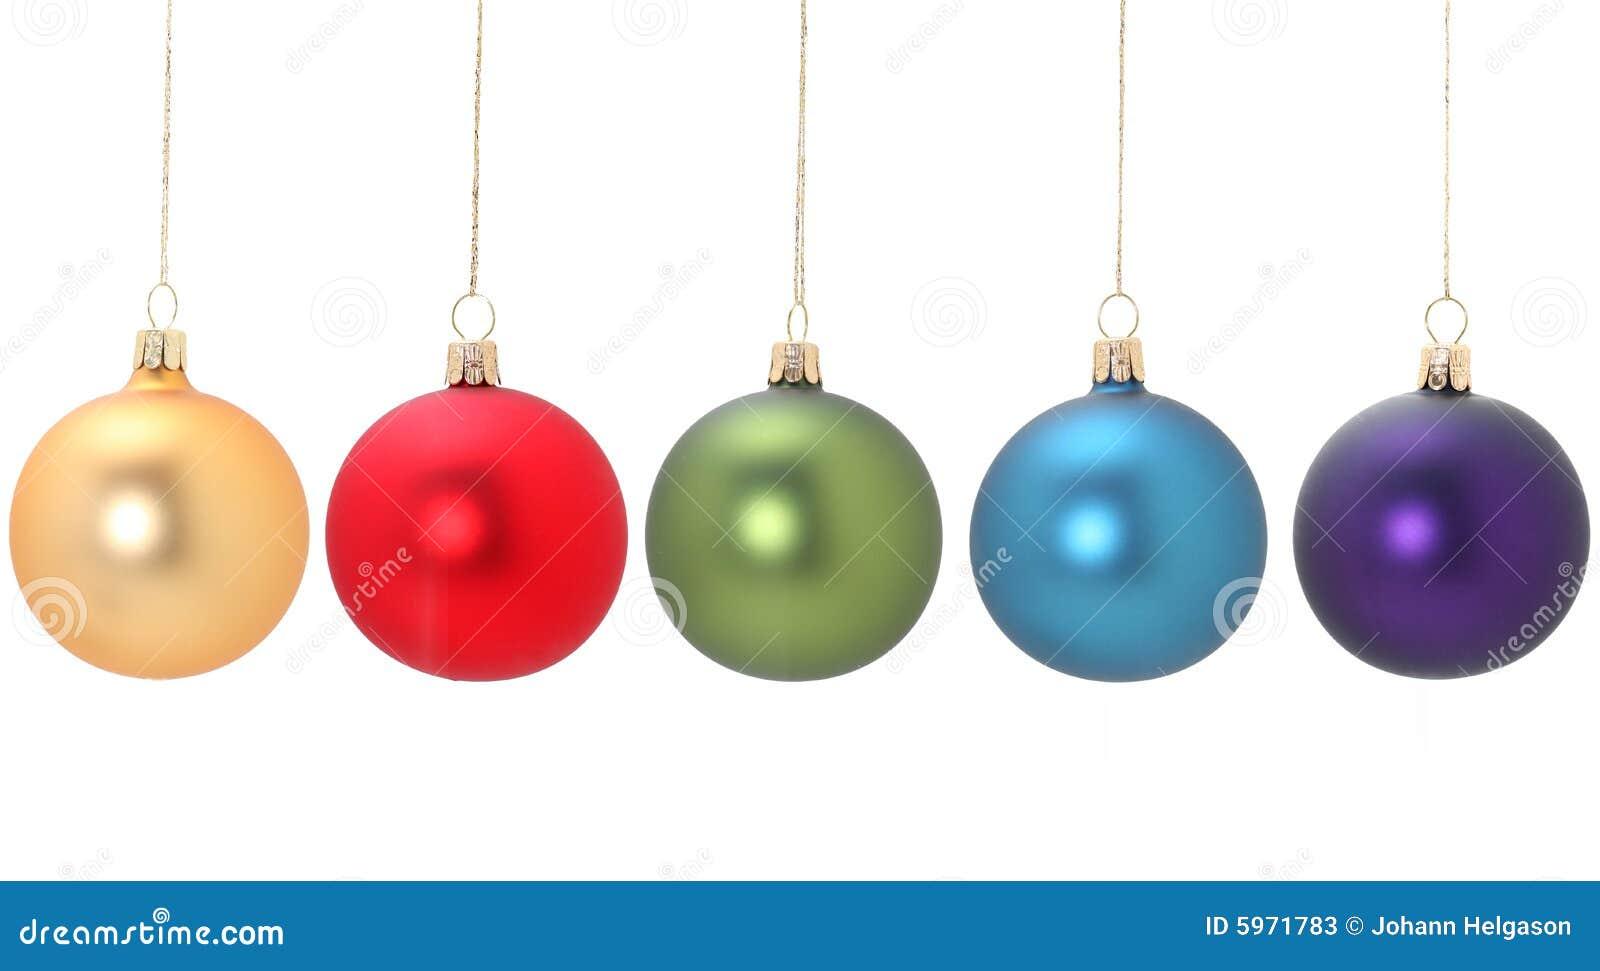 Cinq billes de Noël